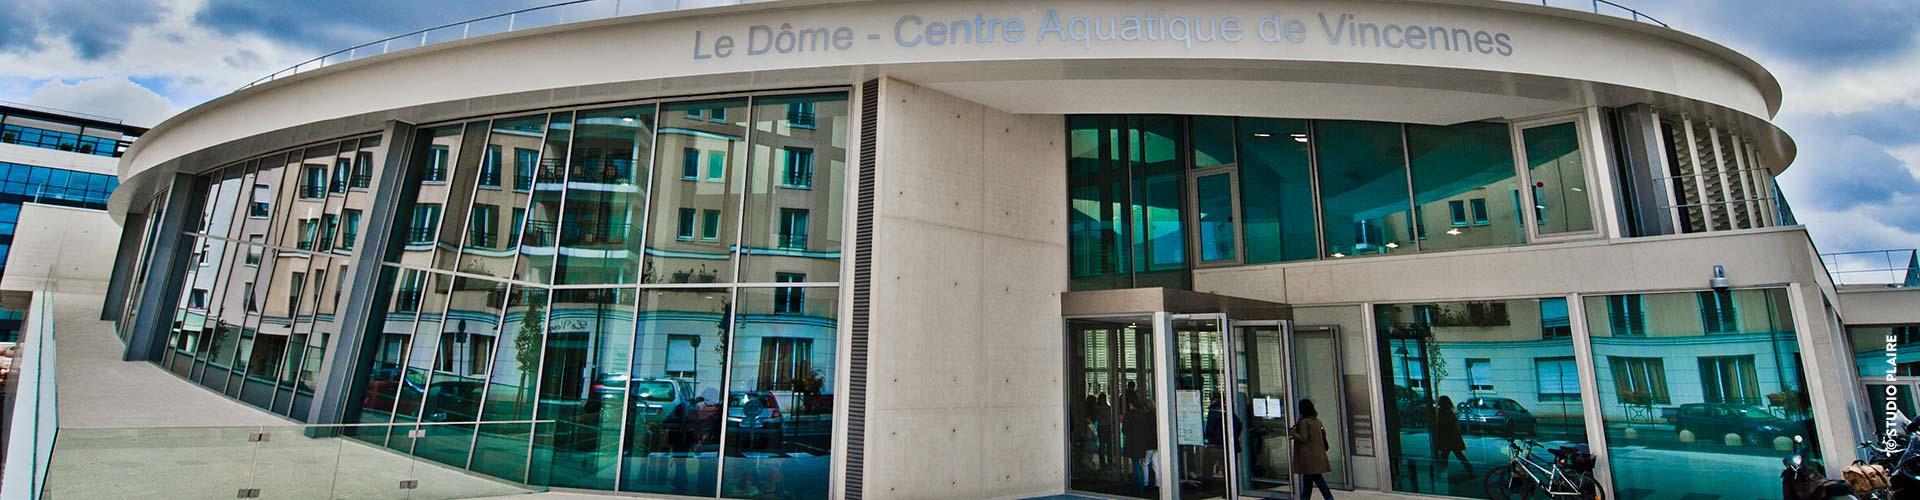 Centre Aquatique | Ville De Vincennes intérieur Piscine Dome Vincennes